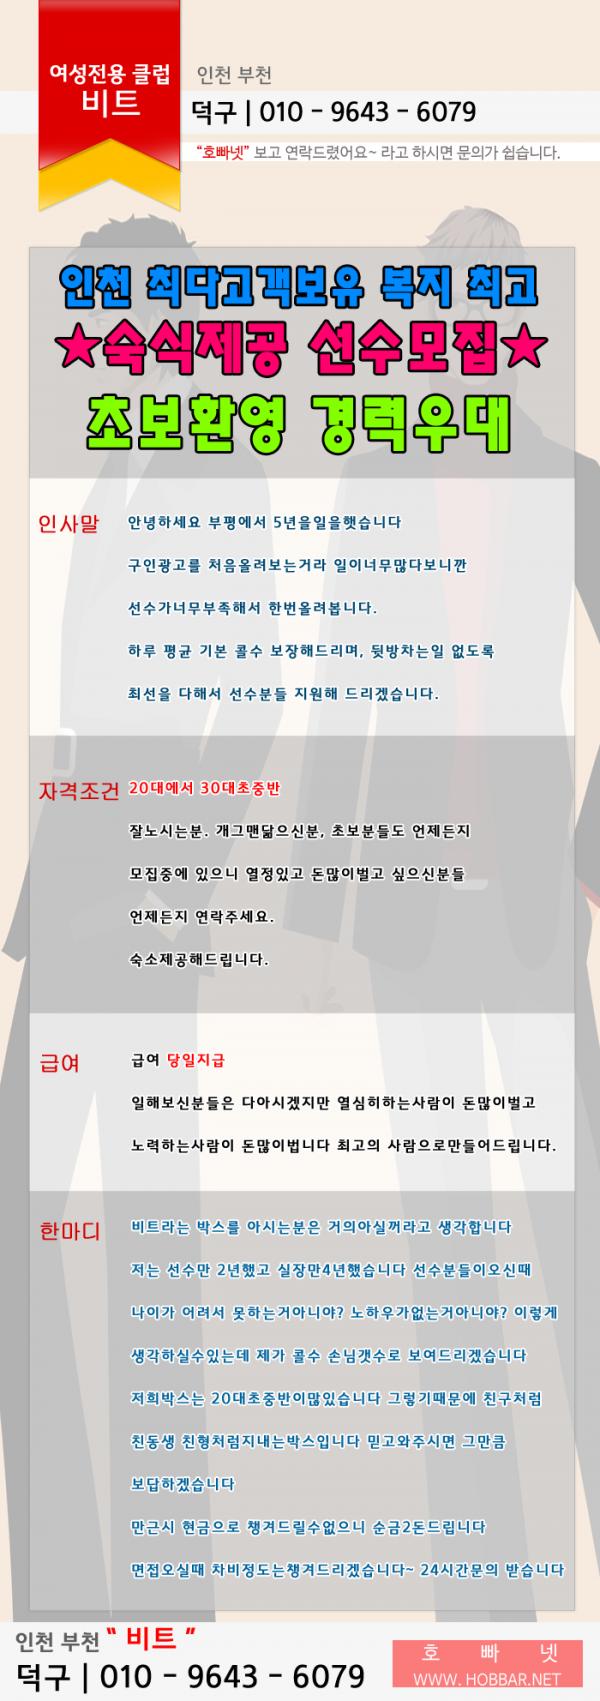 인천 부천 호빠 비트.png